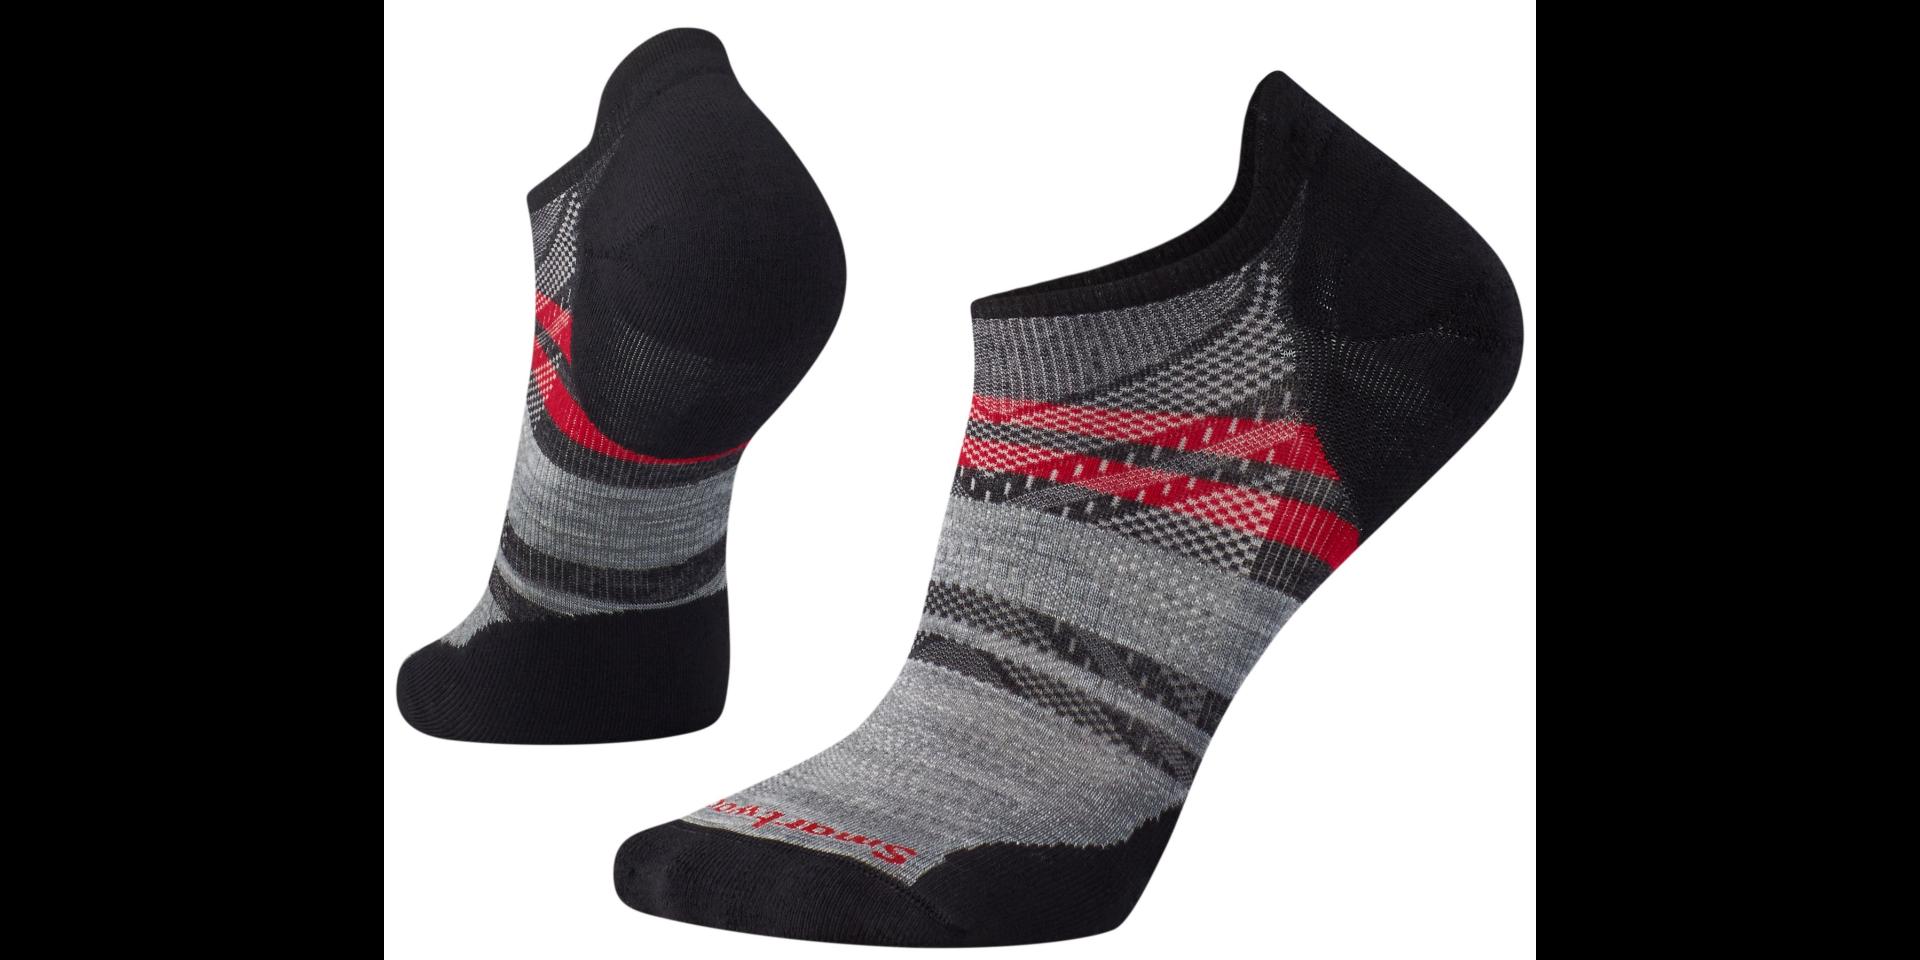 Ponožky dámské Smartwool PHD RUN LIGHT ELITE PATTERN MICRO charcoal ... c193bff7de